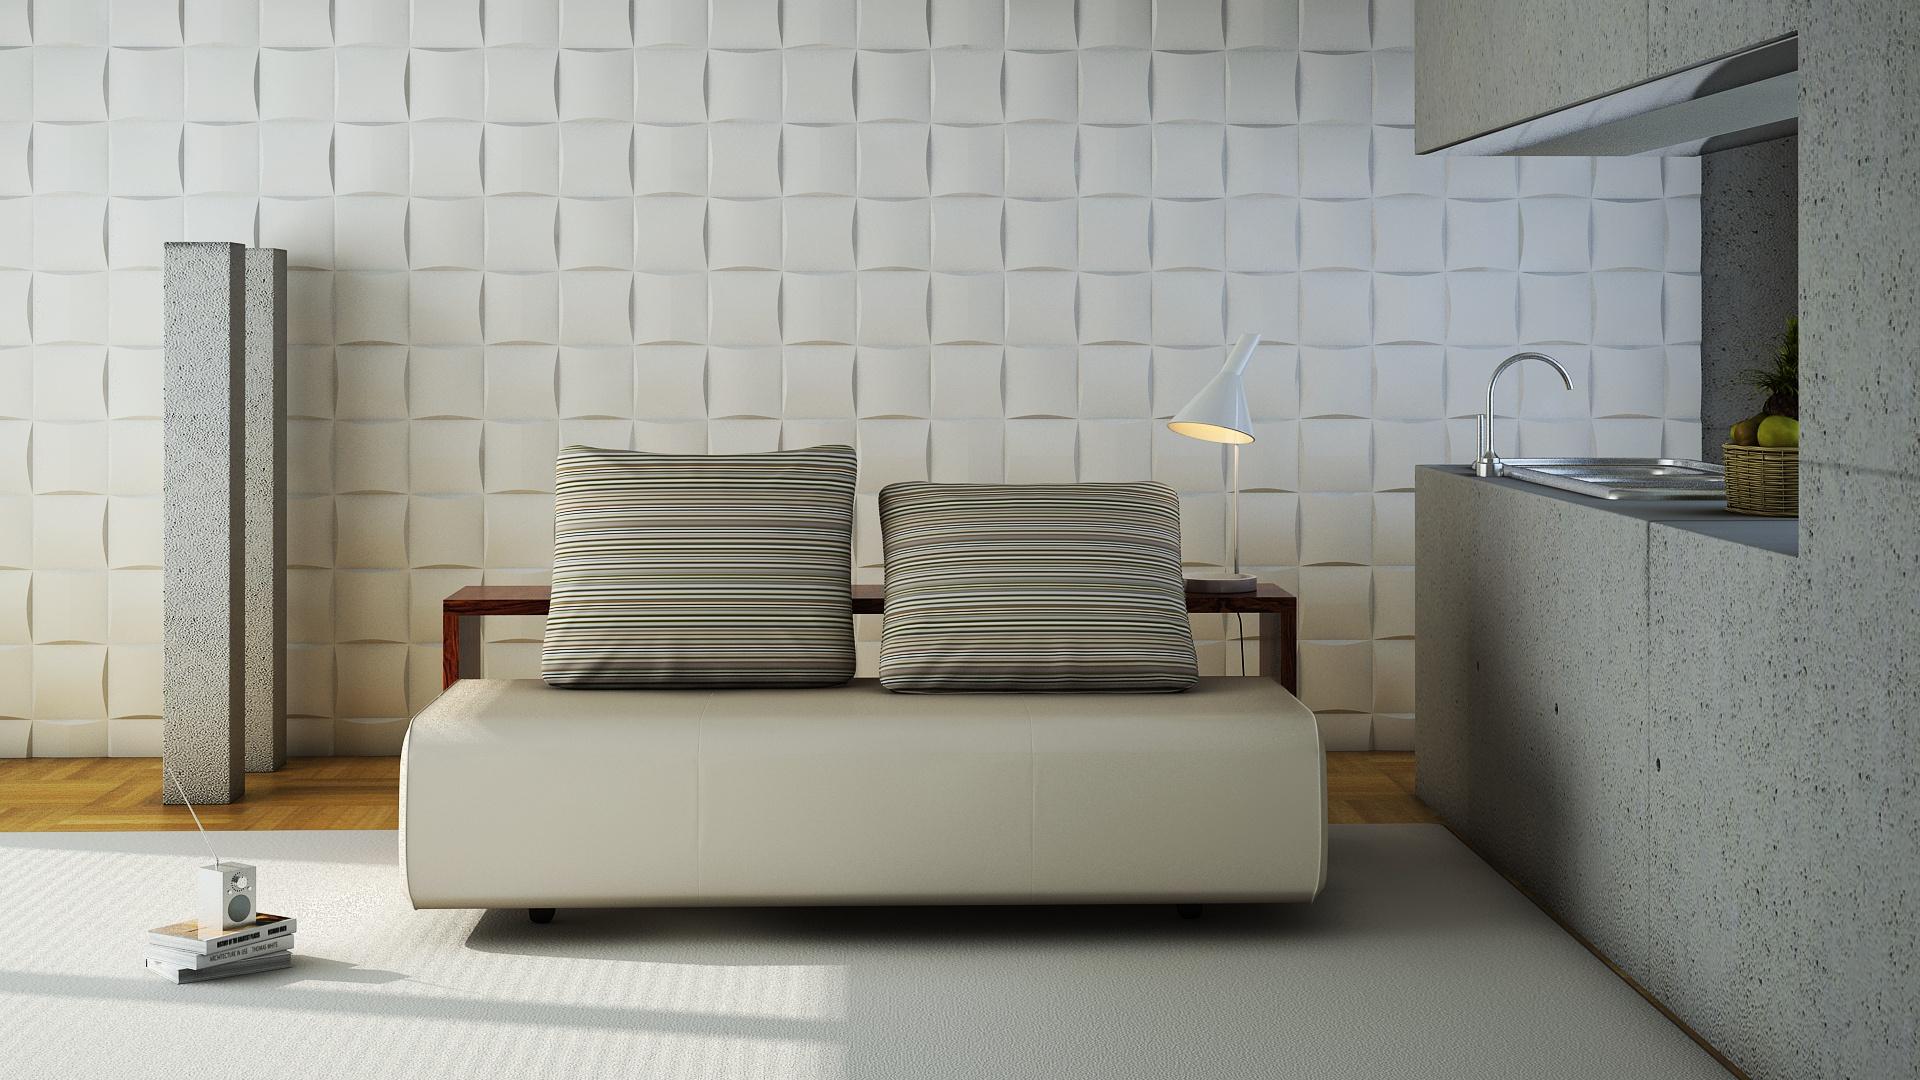 3D панели для стен - купить декоративные стеновые панели 3Д